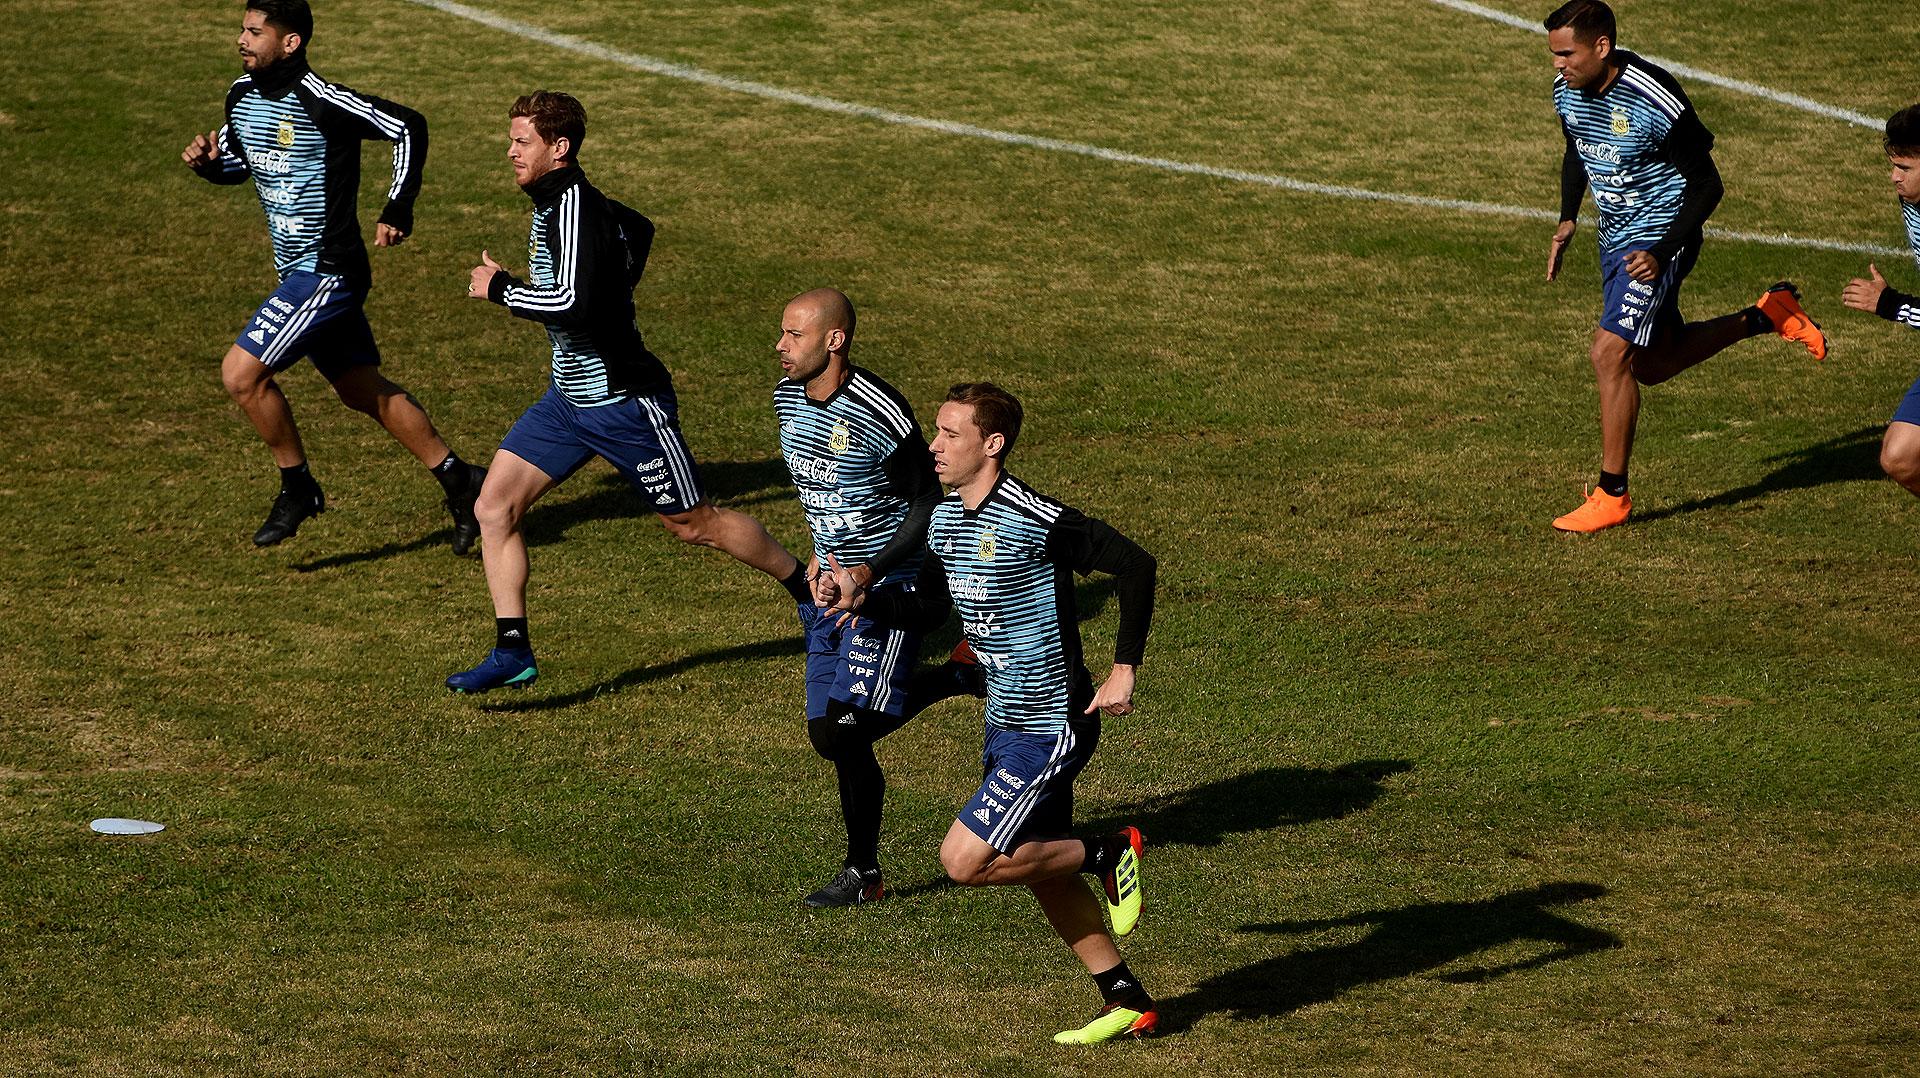 Mascherano y Biglia encabezaron los primeros ejercicios físicos conducidos por el preparador físico Jorge Desio. Mercado, de fondo, trabajó a la par del grupo luego de recuperarse de una lesión en la zona lumbar